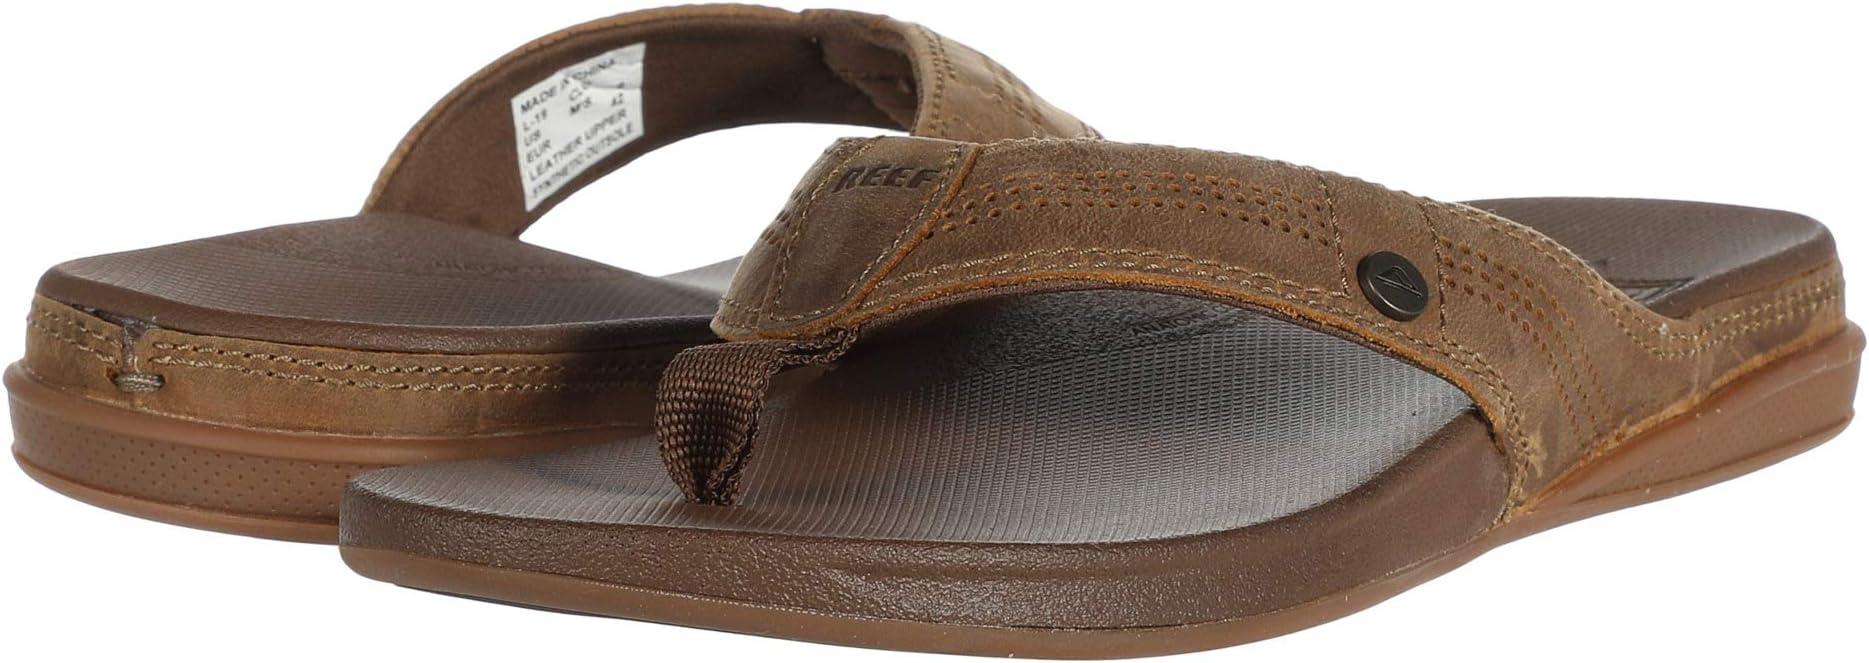 TC-1-Mens-Sandals-2020-9-9